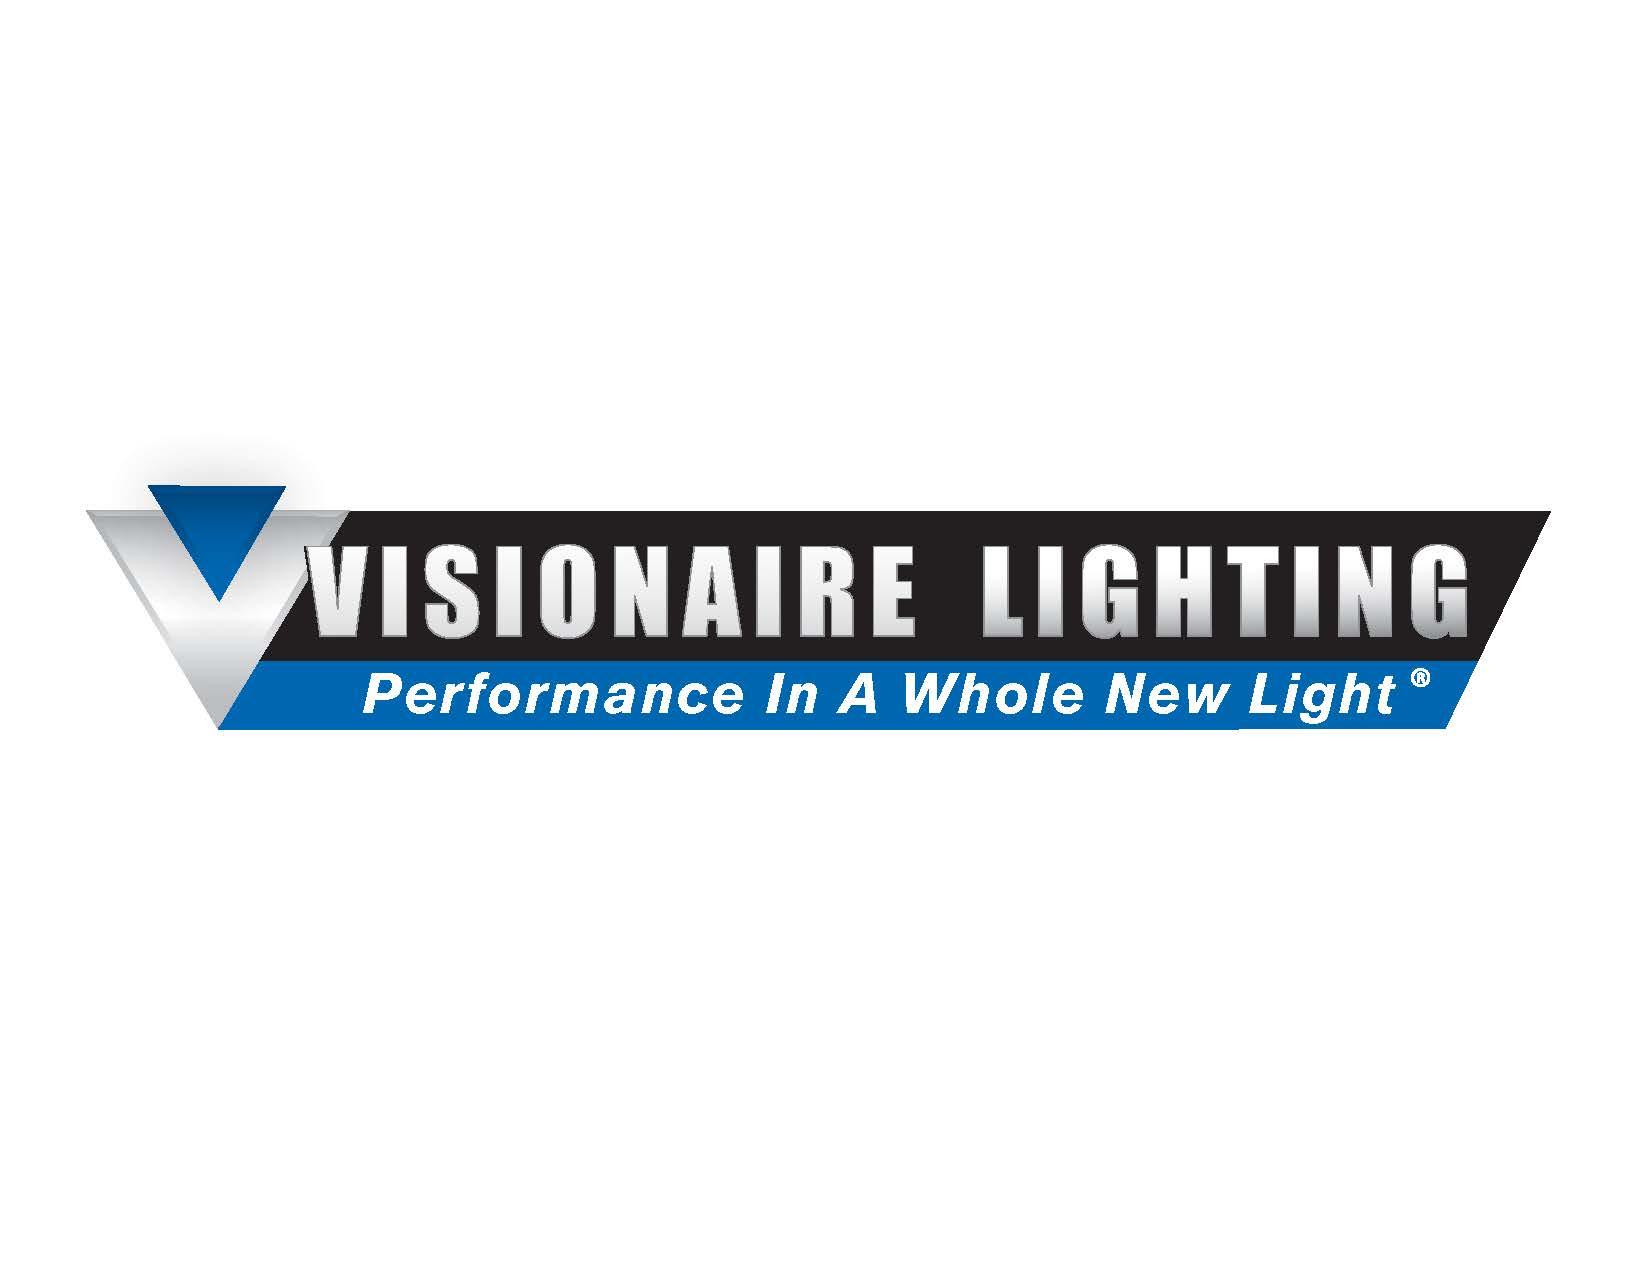 18 Visionaire Lighting Tennis Llc Kerry  sc 1 st  Decoratingspecial.com & visionaire lighting   Decoratingspecial.com azcodes.com